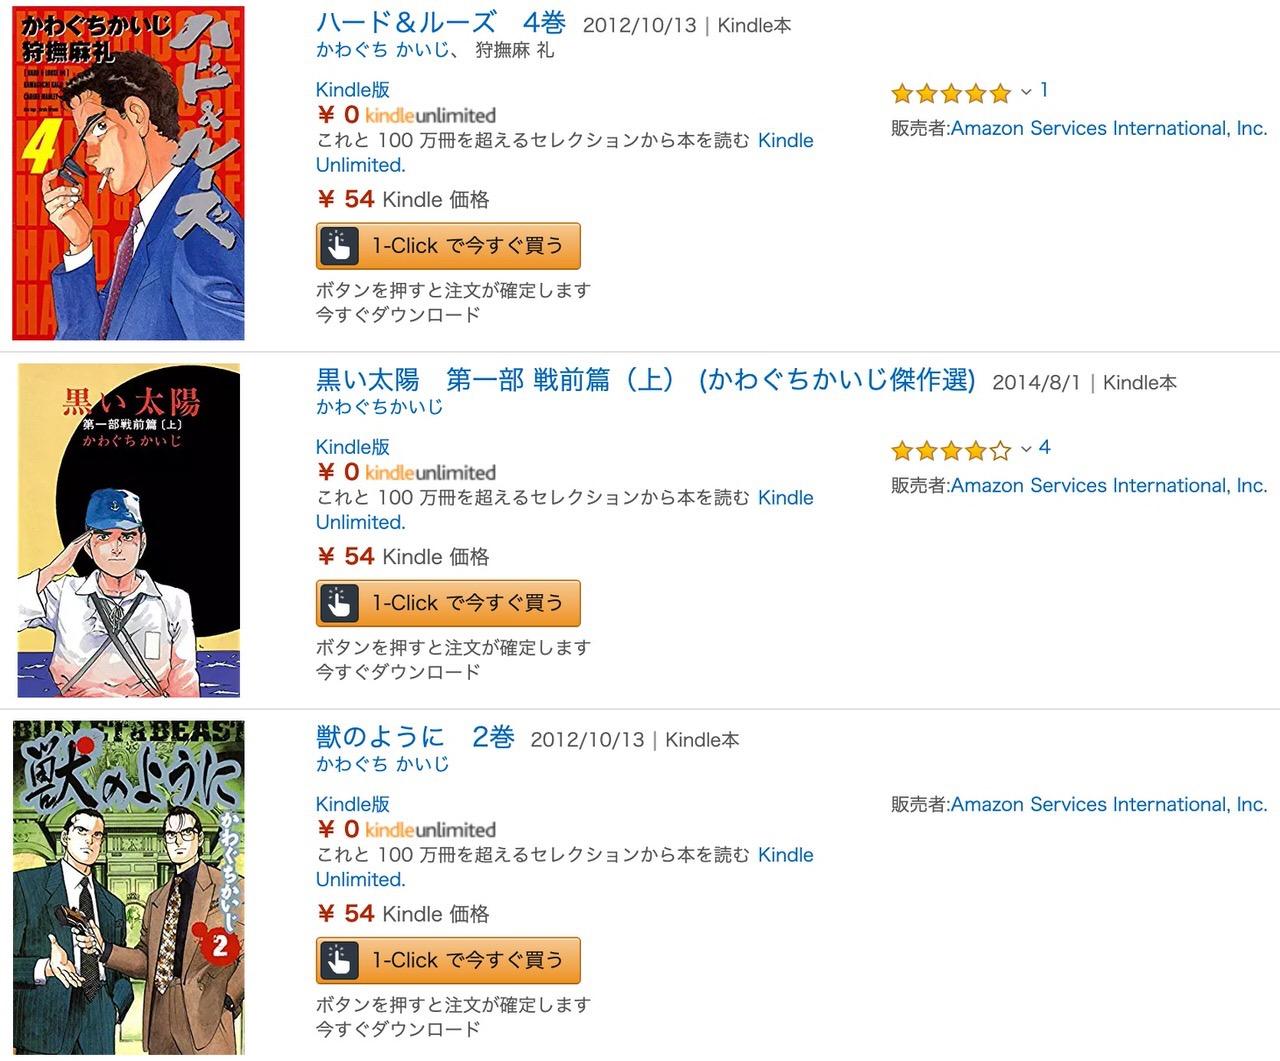 【Kindleセール】1冊54円「かわぐちかいじ先生デビュー50周年記念フェア!」(6/13まで)